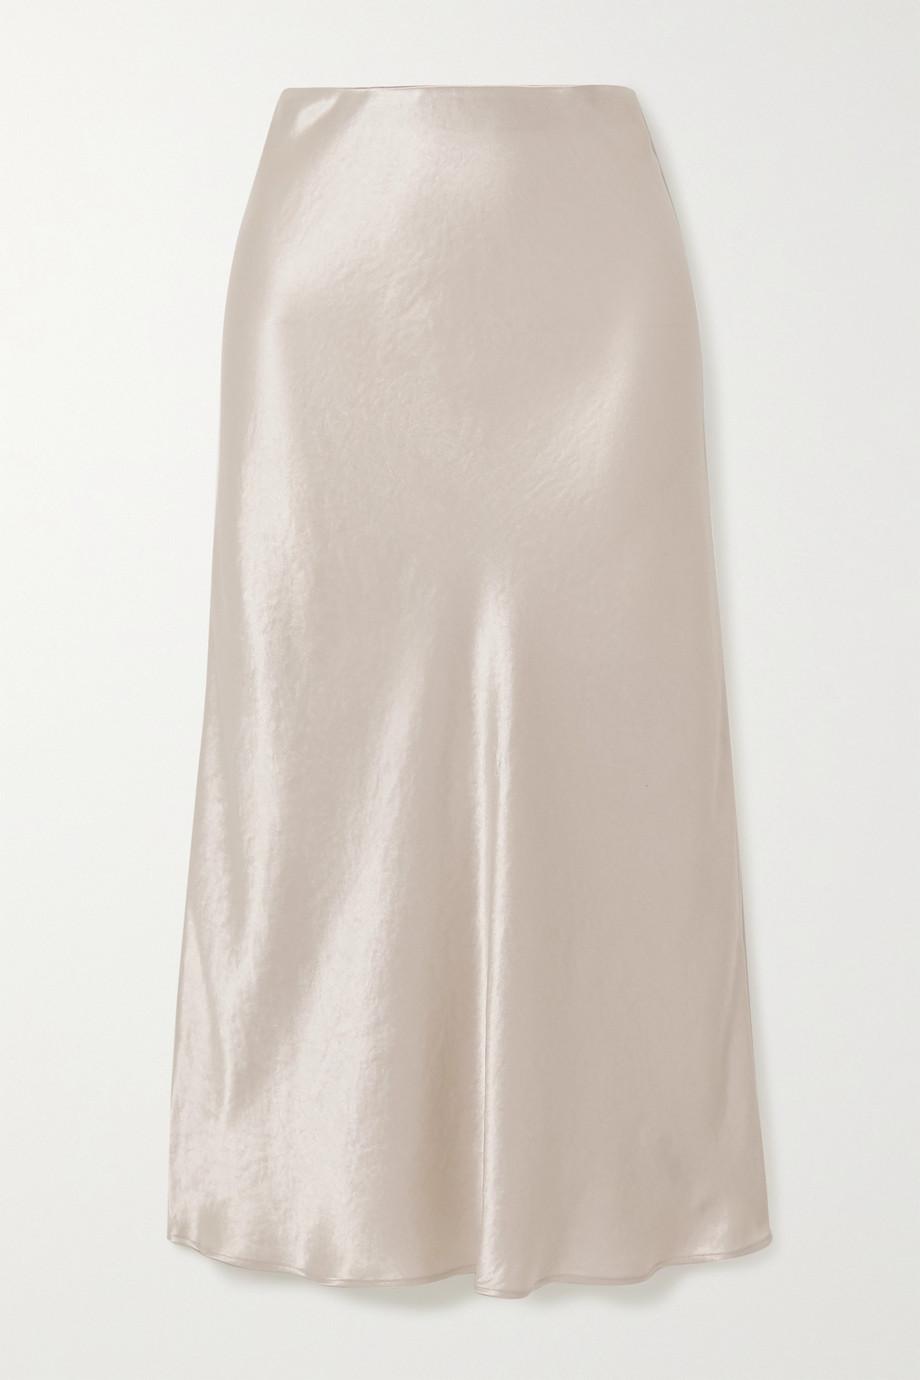 Max Mara Leisure washed-satin midi skirt